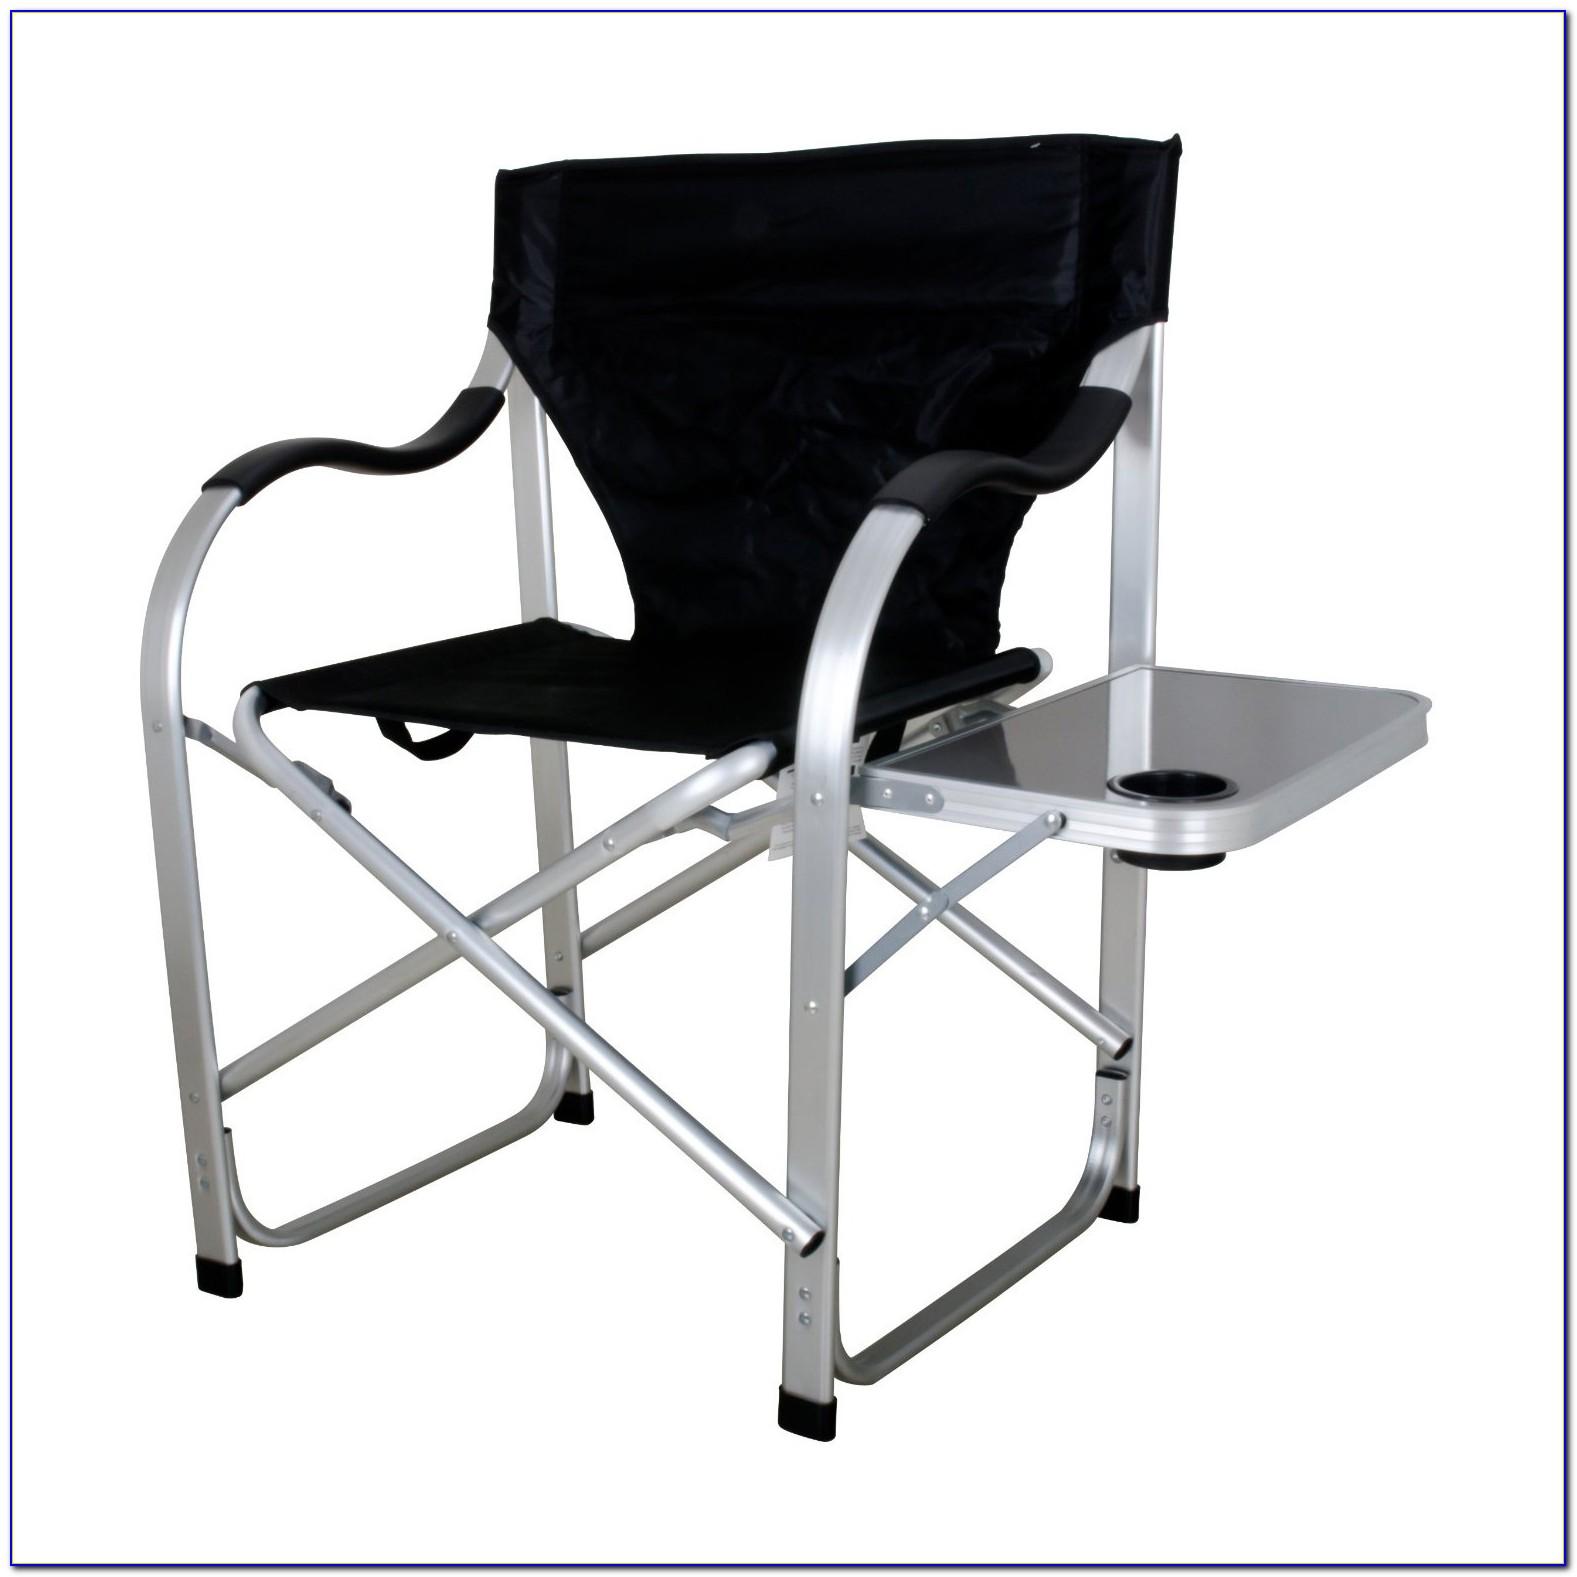 Heavy Duty Folding Chairs Uk